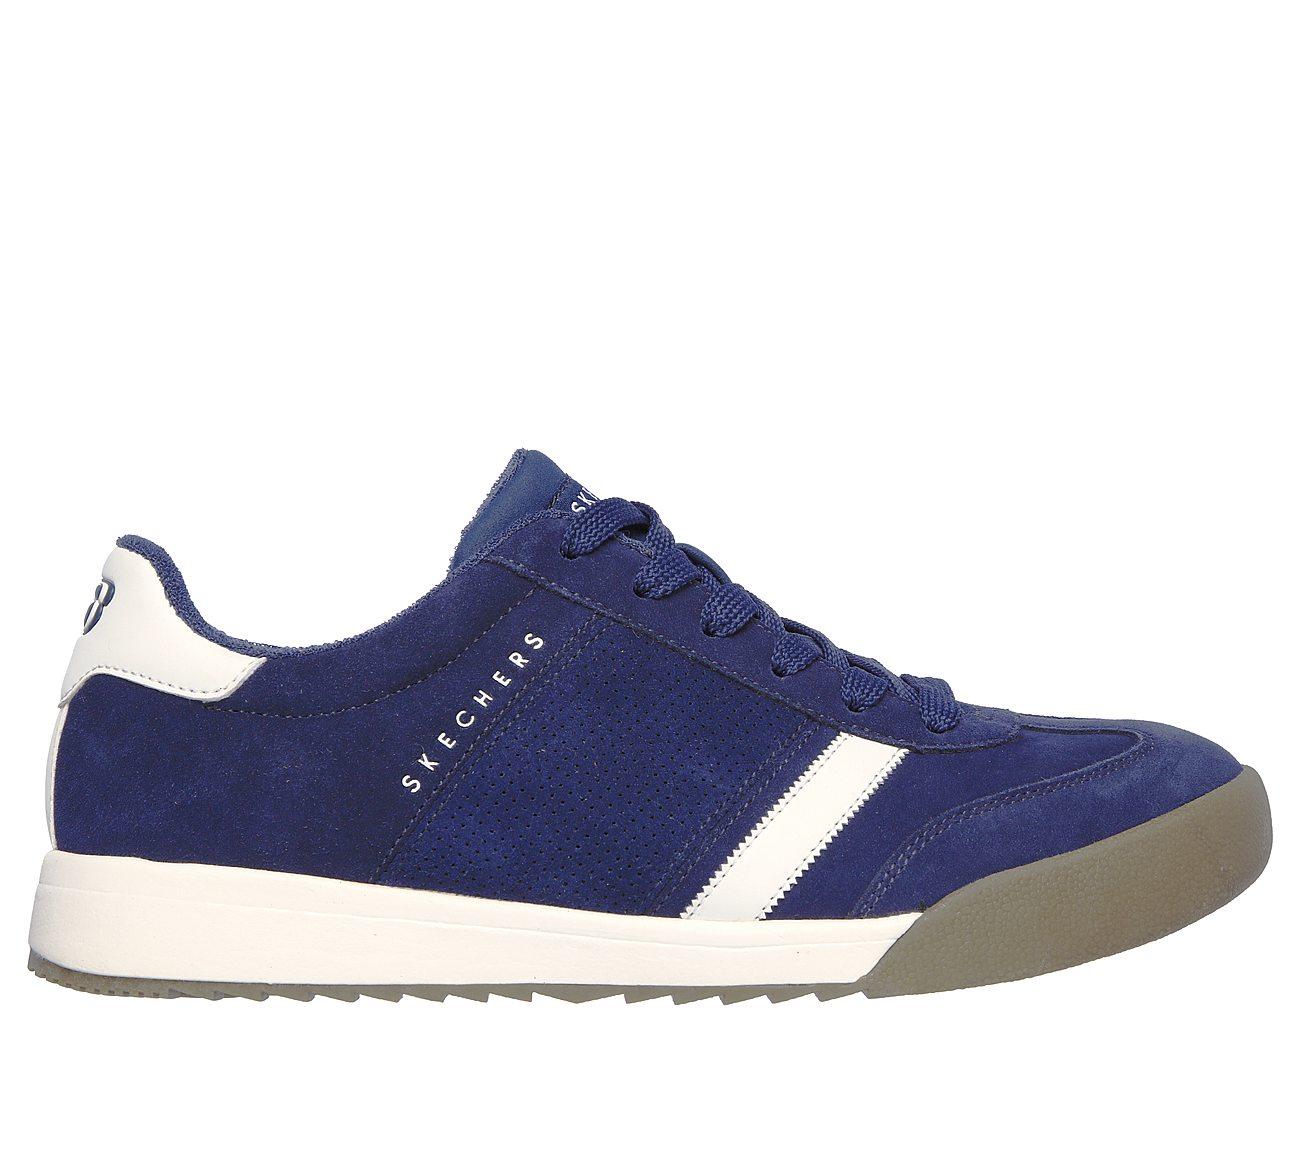 Hablar con Interacción Ahora  Buy SKECHERS Zinger - Ventich SKECHER Street Shoes